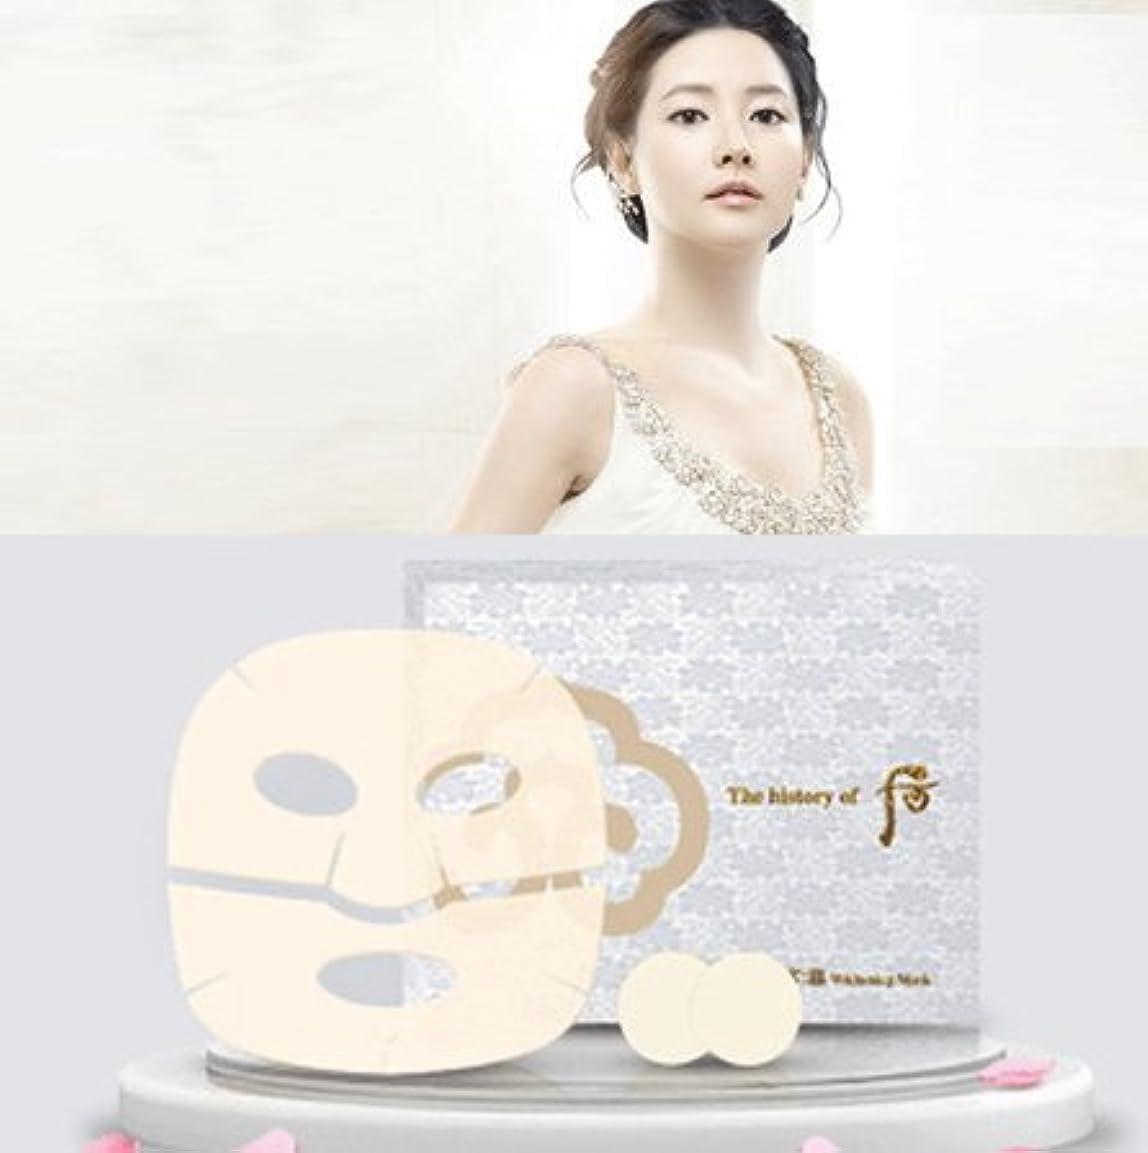 ペナルティ世界の窓火炎【フー/The history of whoo] Whoo后 ゴンジンヒャン 美白 光 マスク8枚入/ Gongjinhyang Mask Sheet 8ea+ Sample Gift(海外直送品)